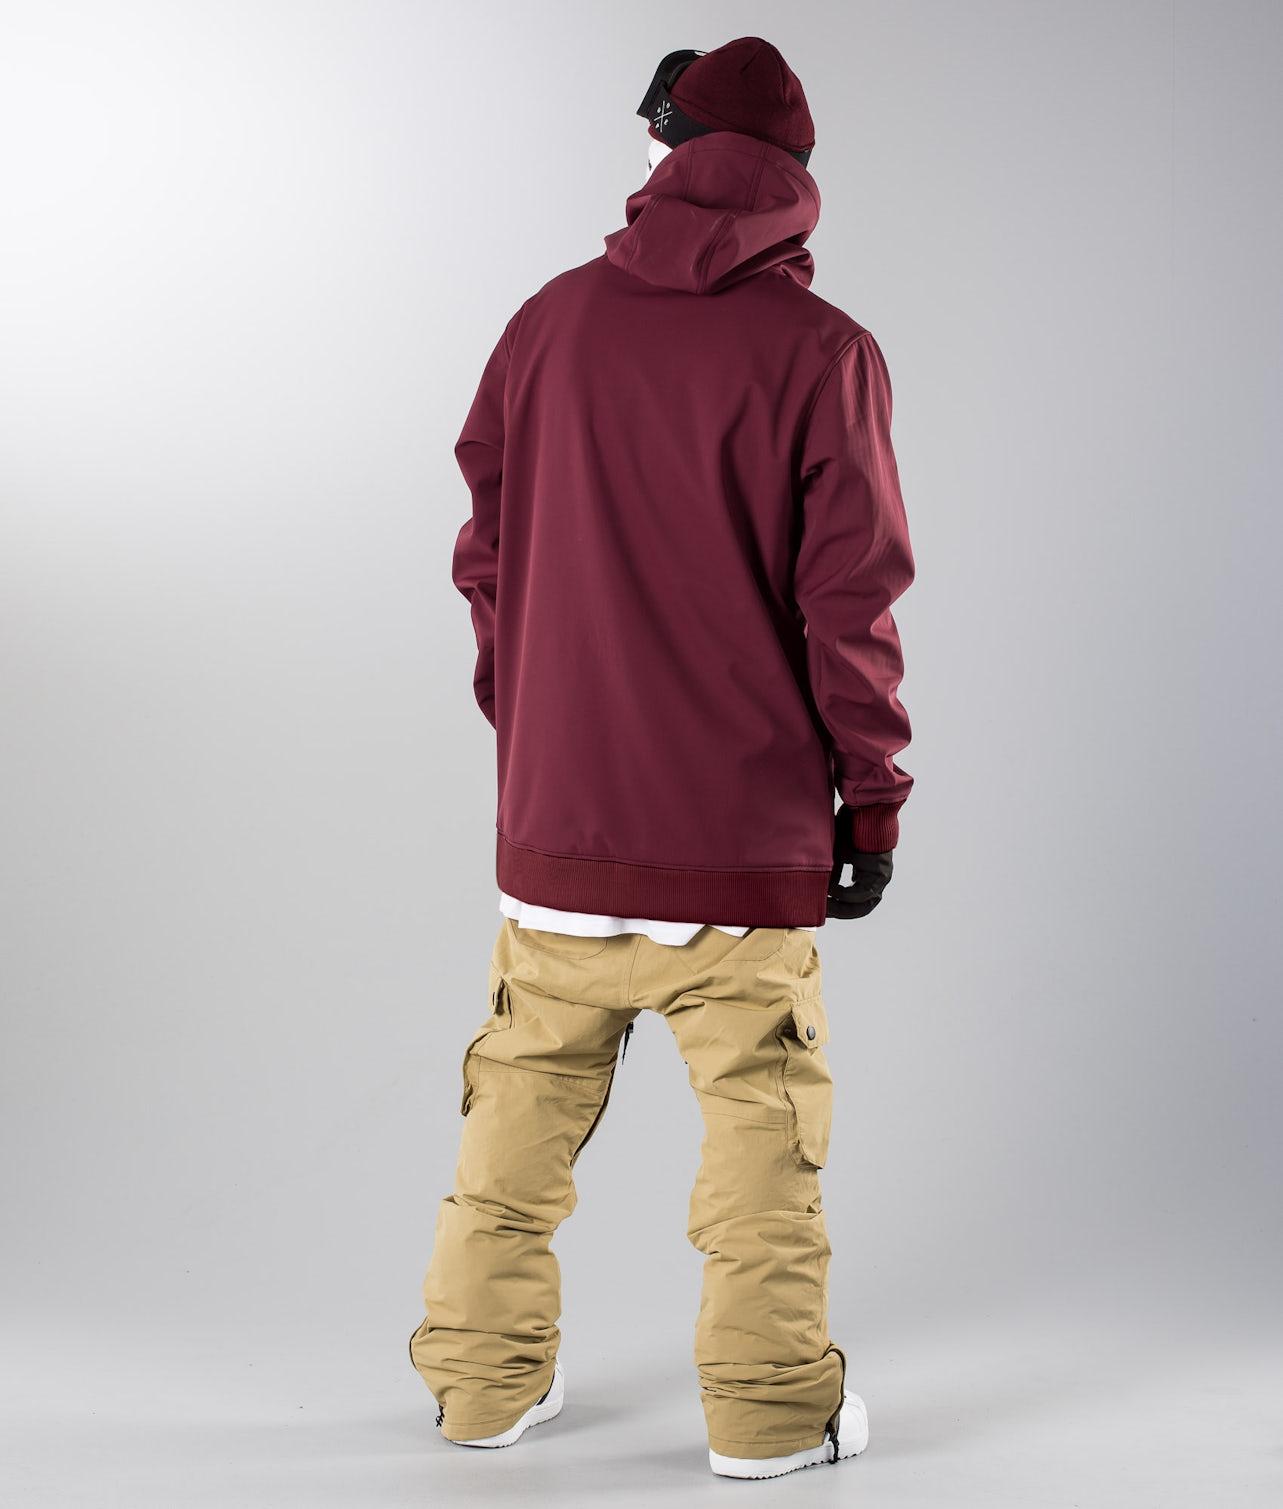 Köp Yeti 18 Snowboardjacka från Dope på Ridestore.se Hos oss har du alltid fri frakt, fri retur och 30 dagar öppet köp!